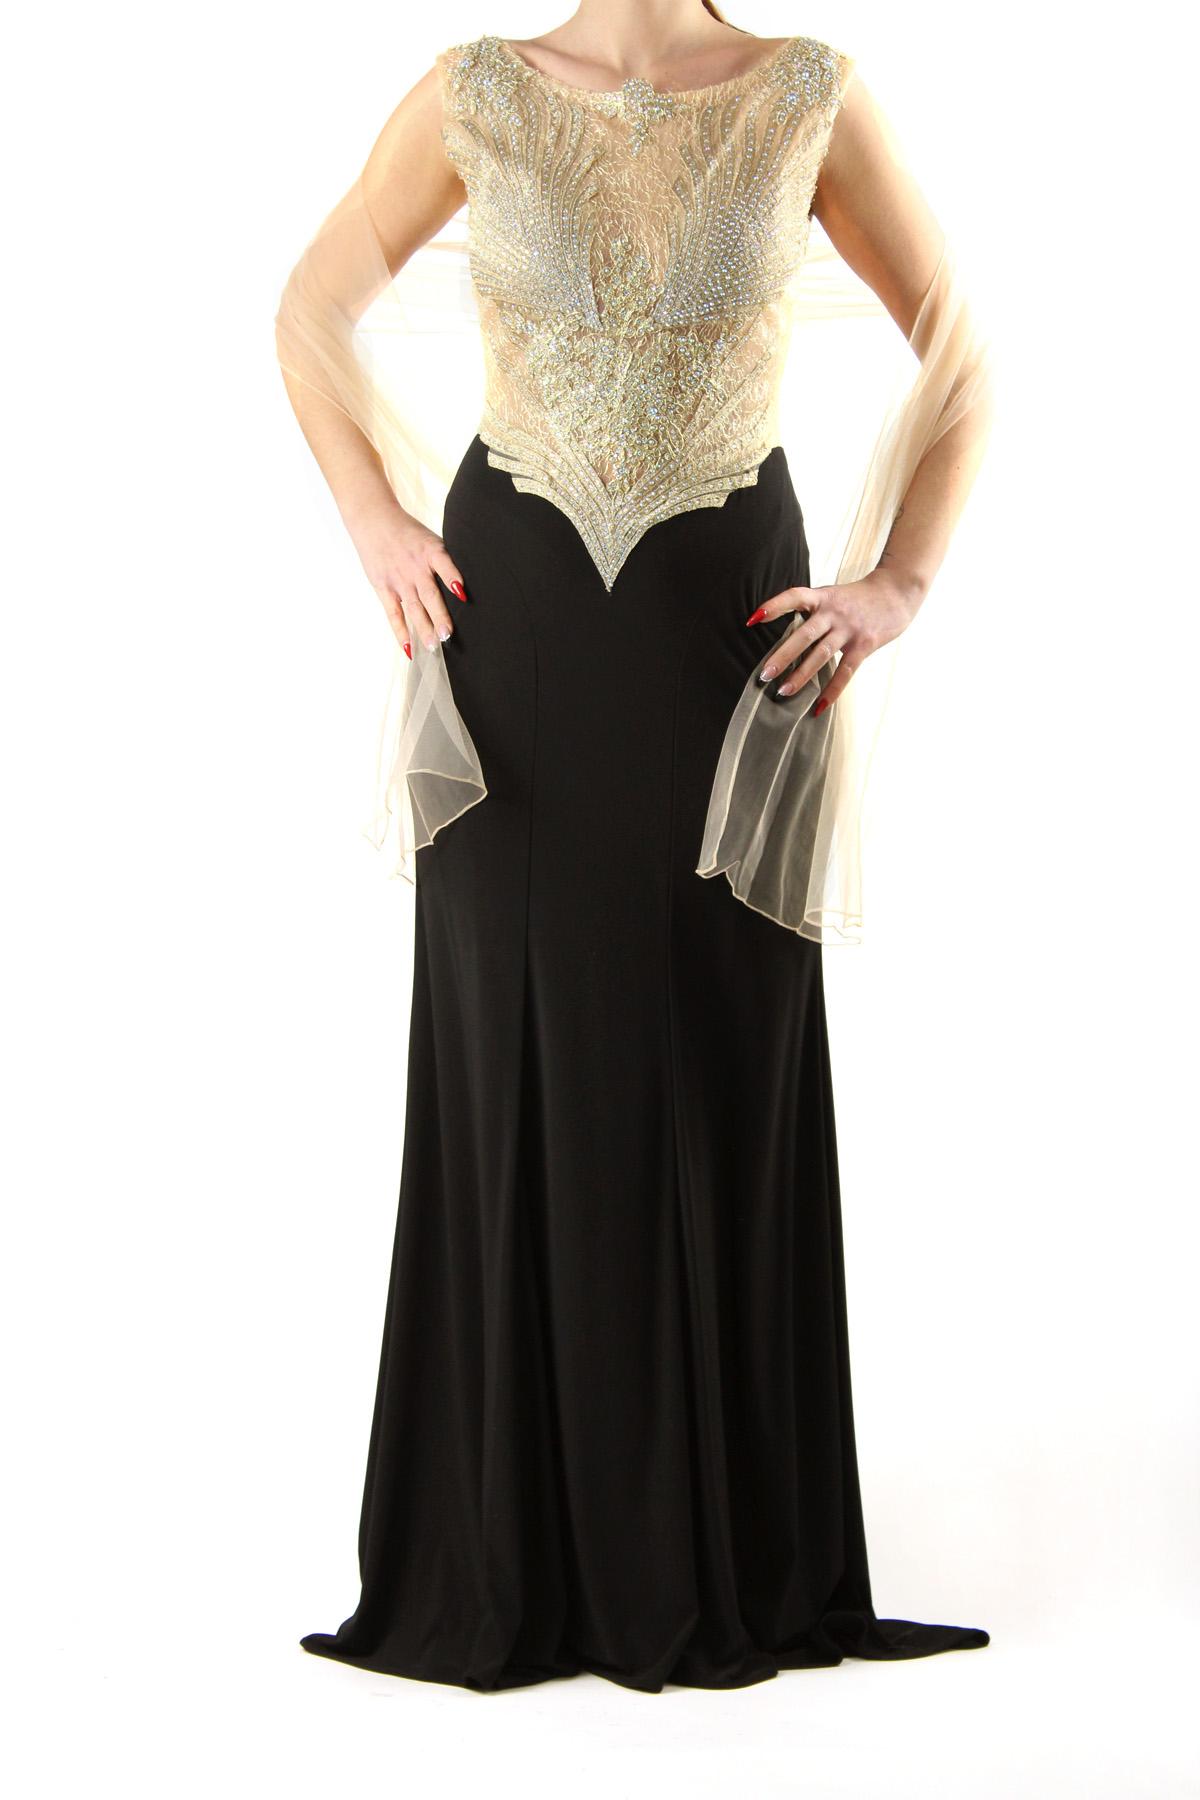 big sale 65663 c2f9b Abito a sirena cerimonia nero e oro by Belen haute couture